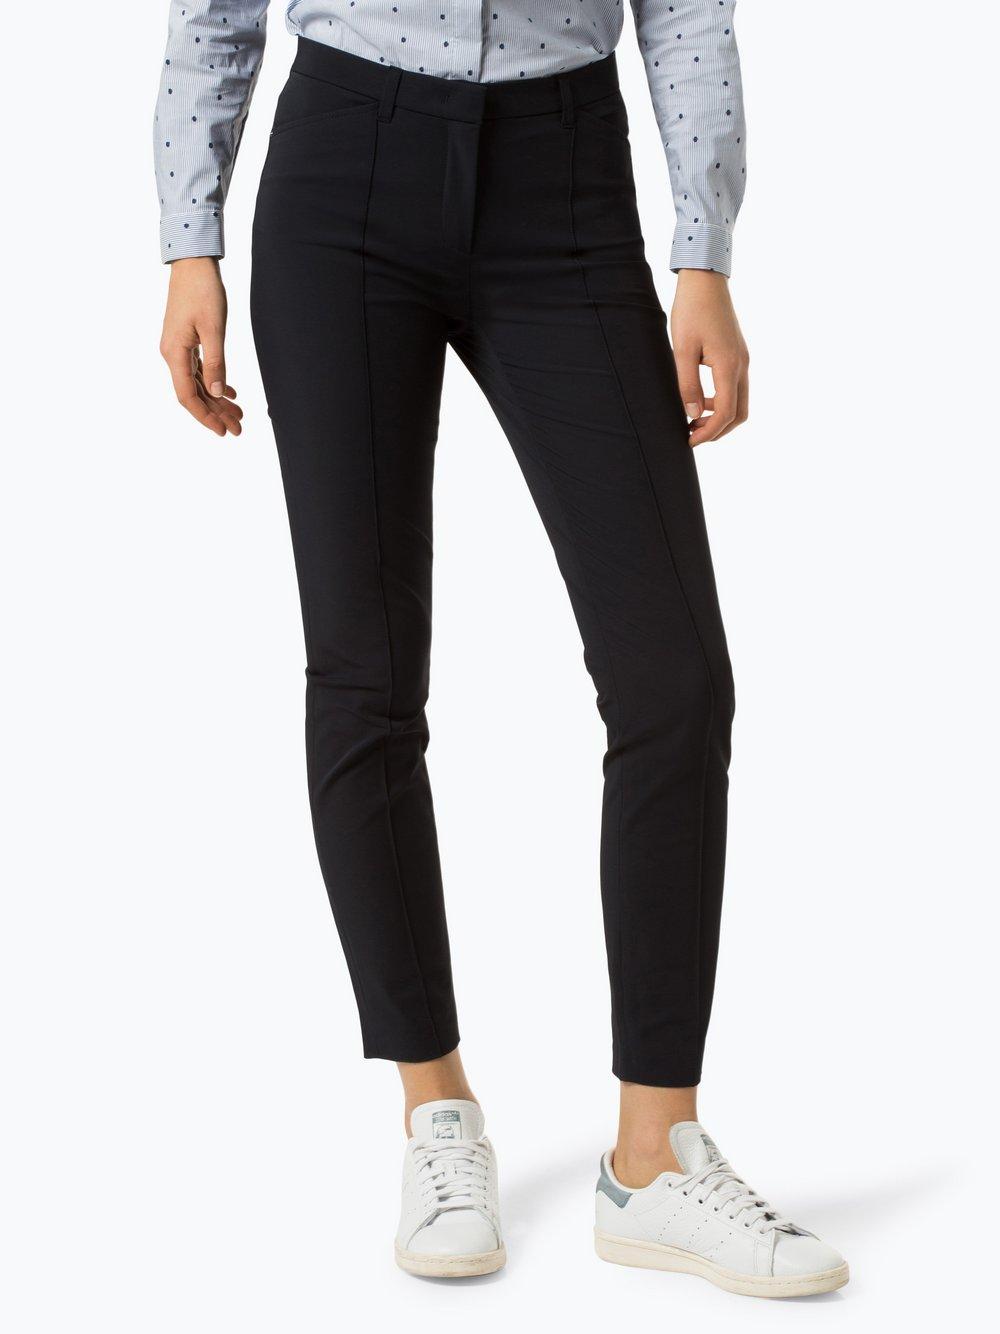 RAFFAELLO ROSSI – Spodnie damskie – Anina, niebieski Van Graaf 414282-0003